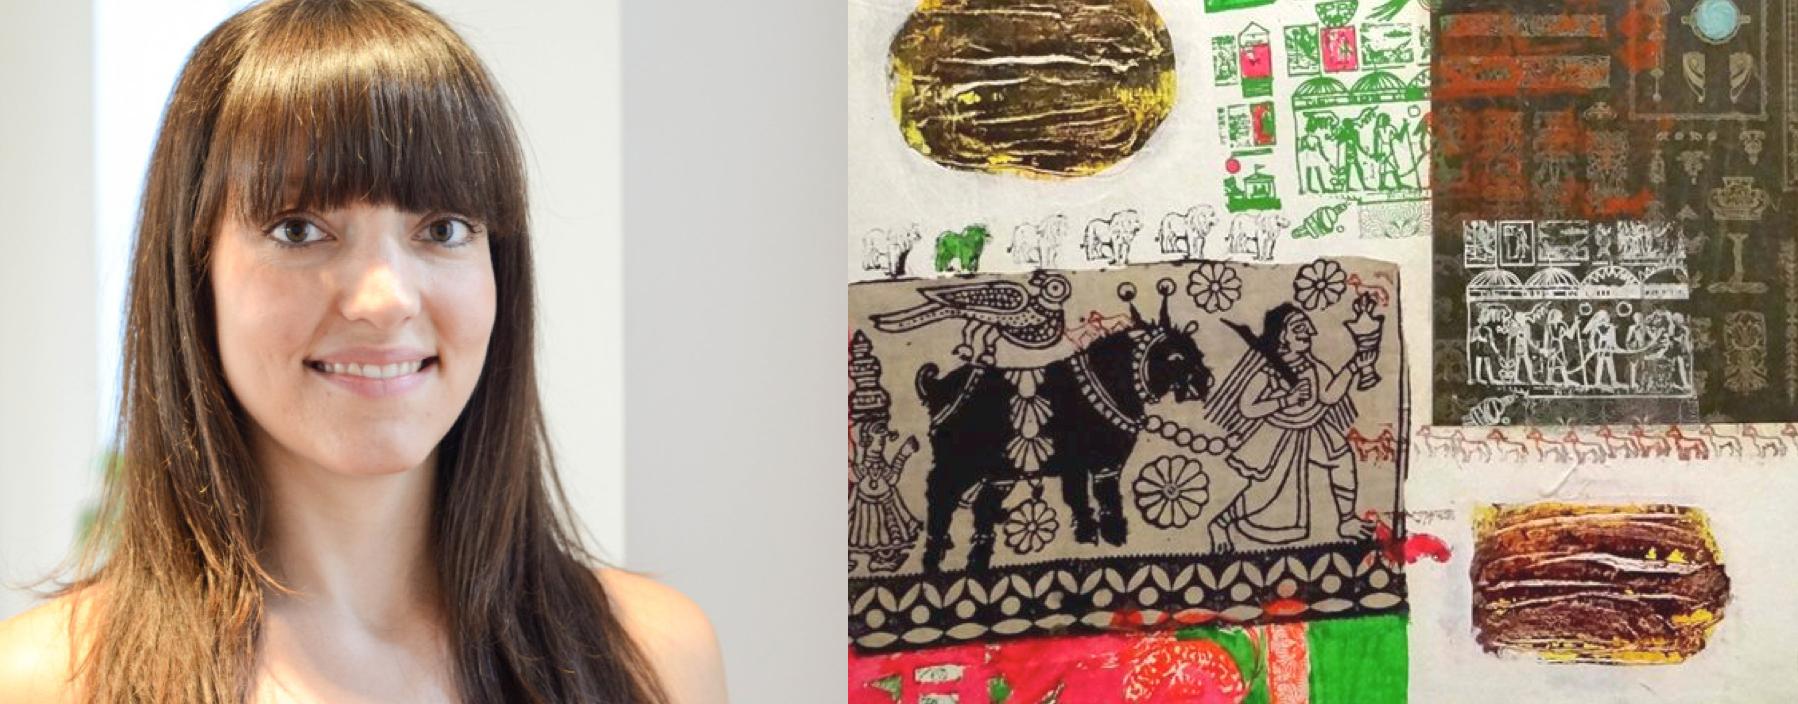 P Mansaram Yoga Nidra With Taryn Diamond Sold Out Savac